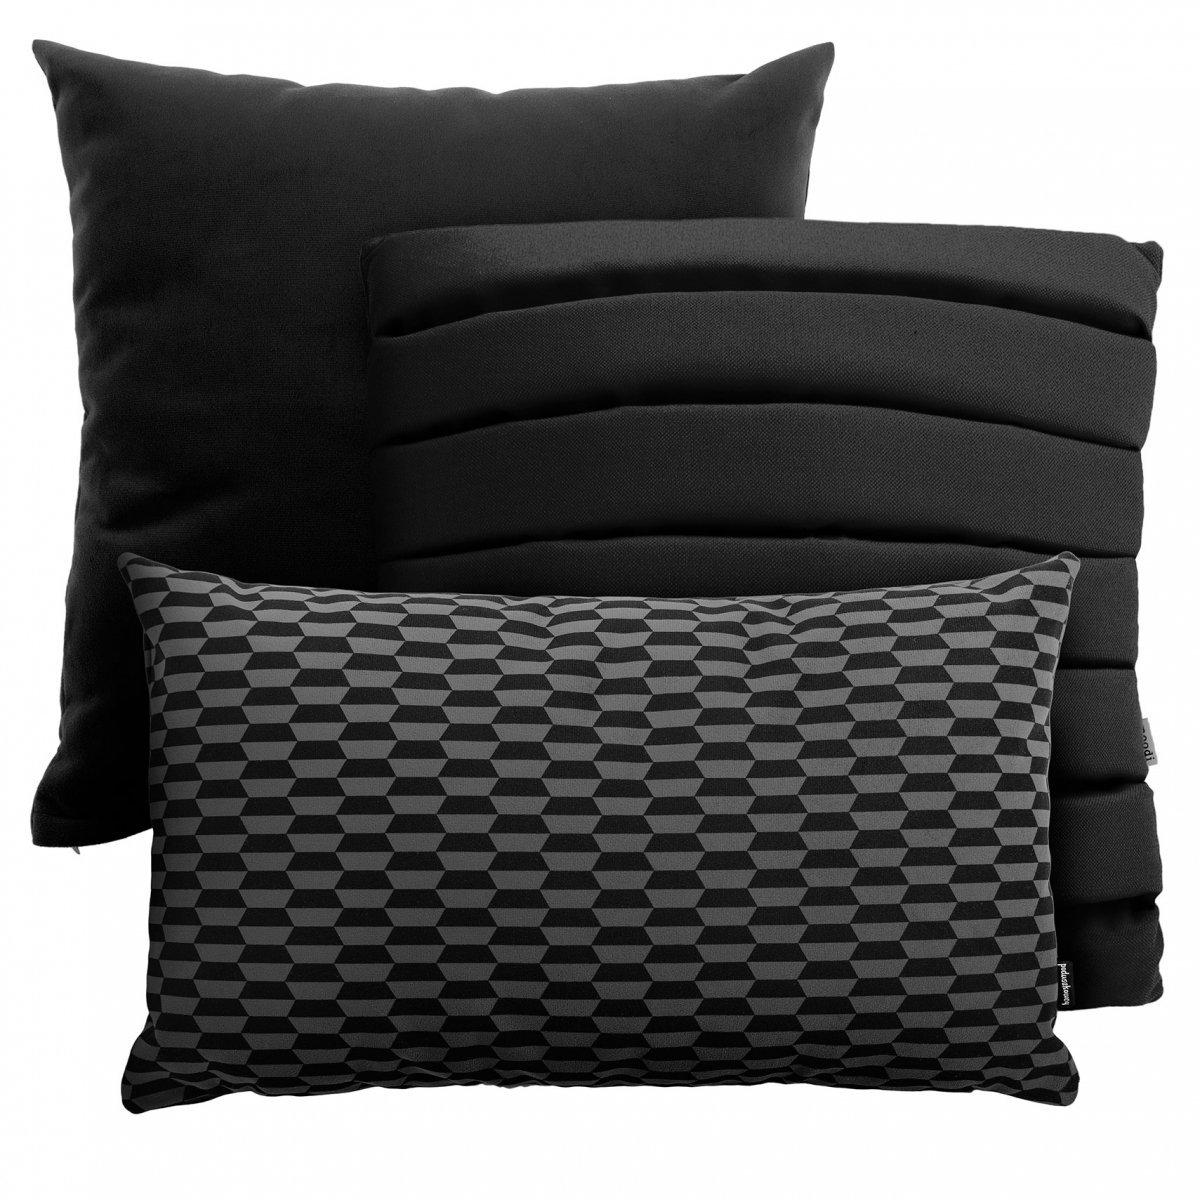 Czarny zestaw poduszek Level + Pram + Break